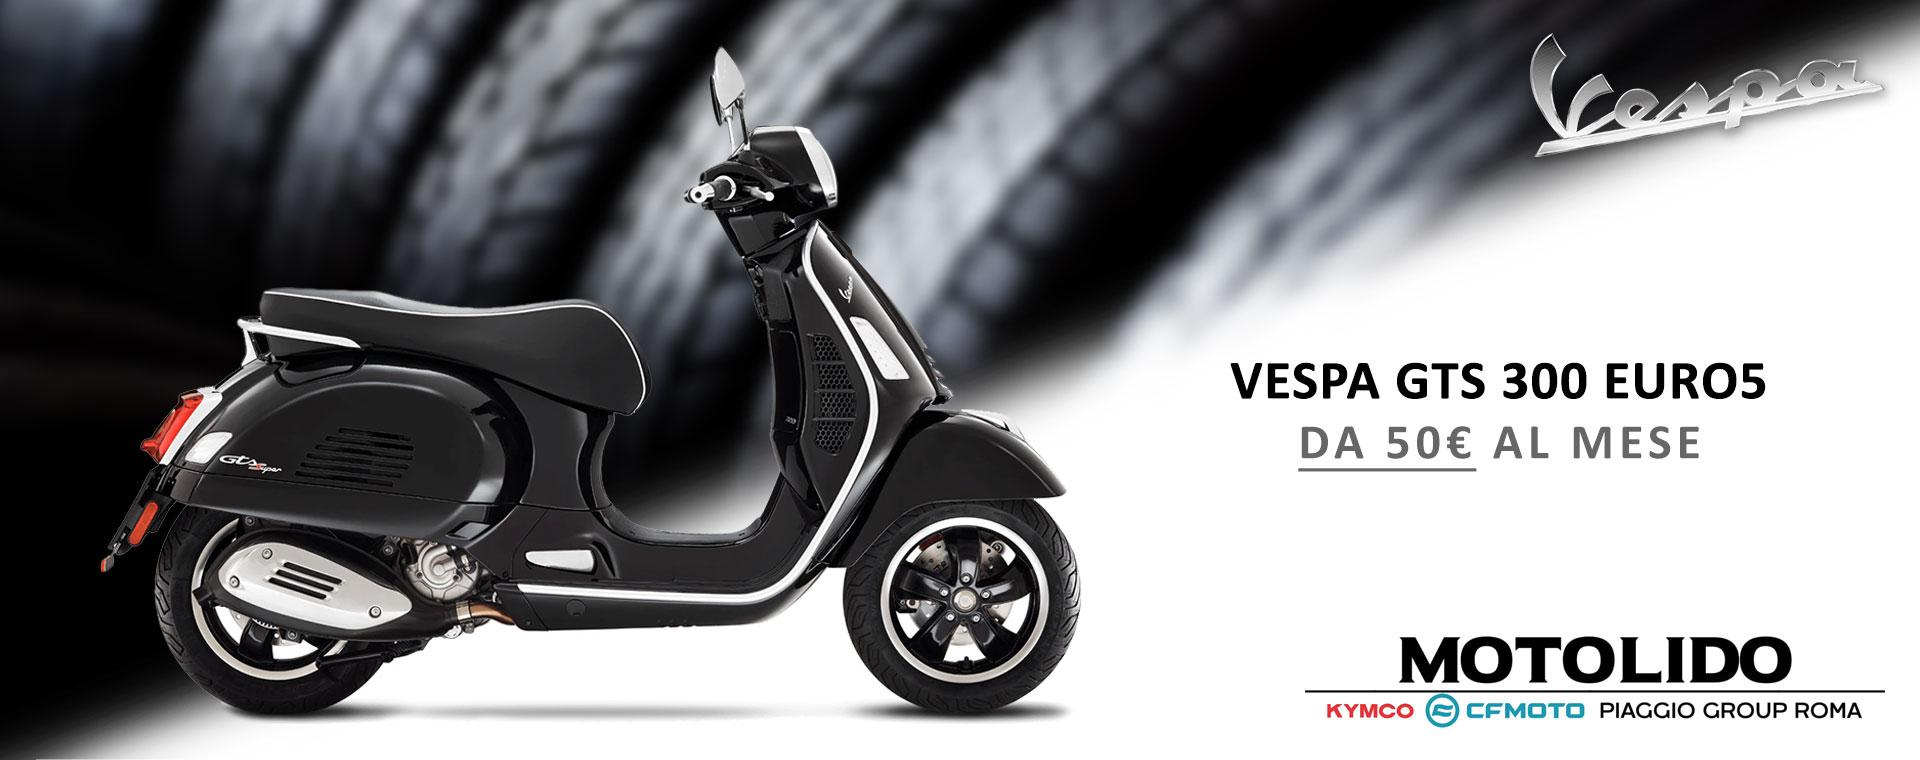 PROMOZIONE-NUOVA-VESPA-GTS-300-SUPER-ABS-EURO5-Slide-NEW